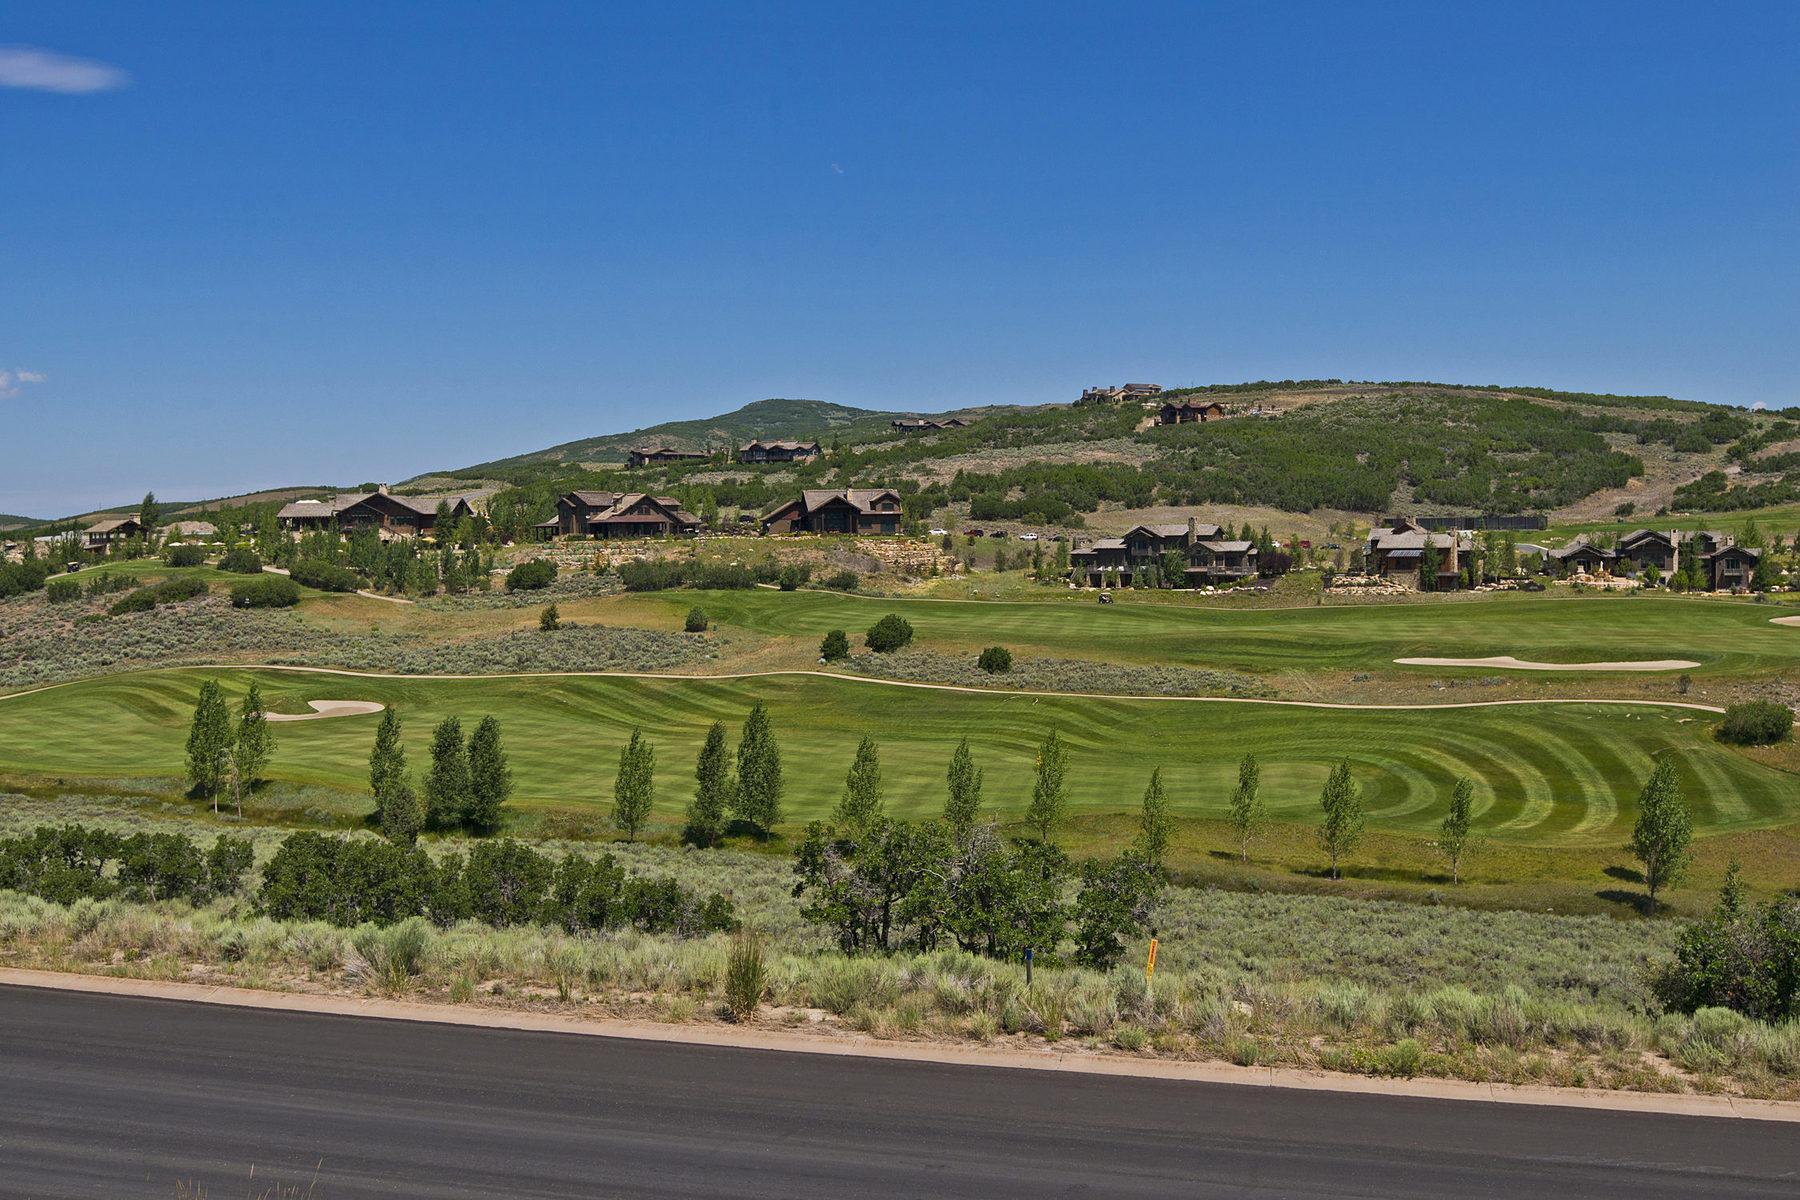 Terreno por un Venta en Priced to Sell Now - Golf Course & Ski Run Views 9405 N Uinta Dr Lot 28 Heber City, Utah, 84036 Estados Unidos